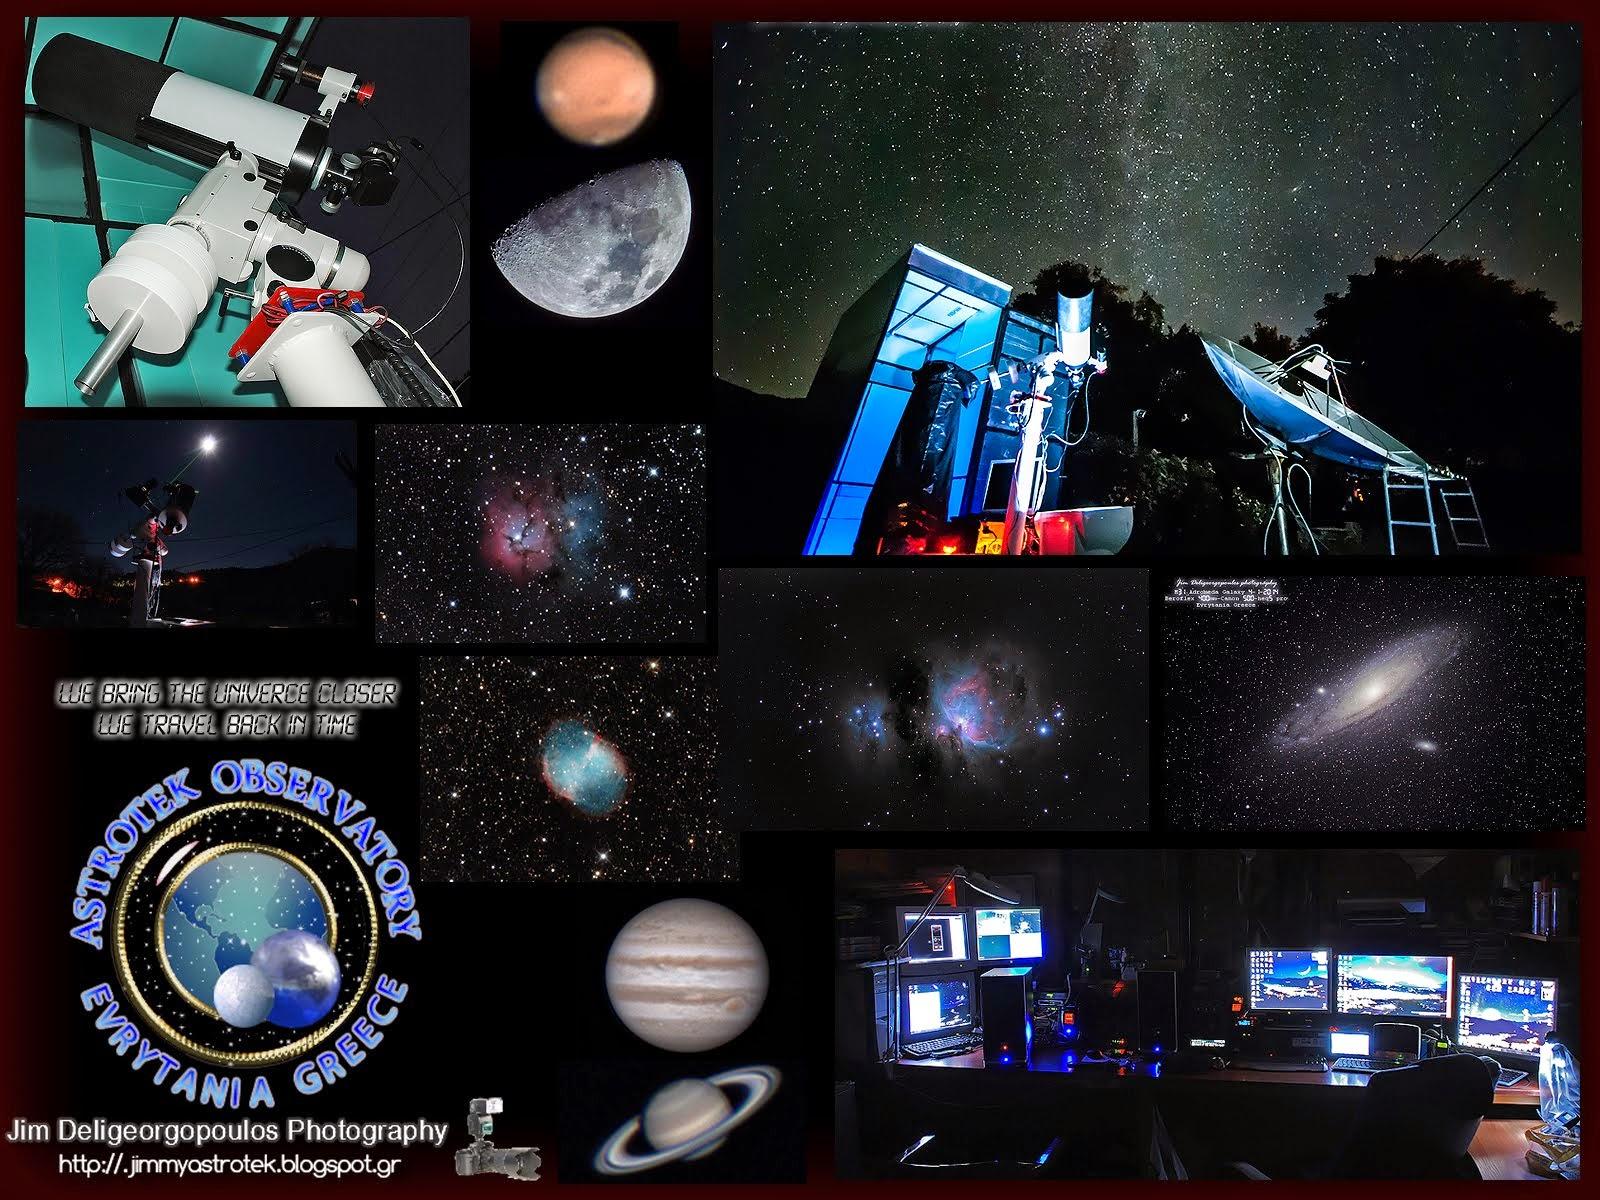 ASTROTEK DEEP SPACE OBSERVATORY